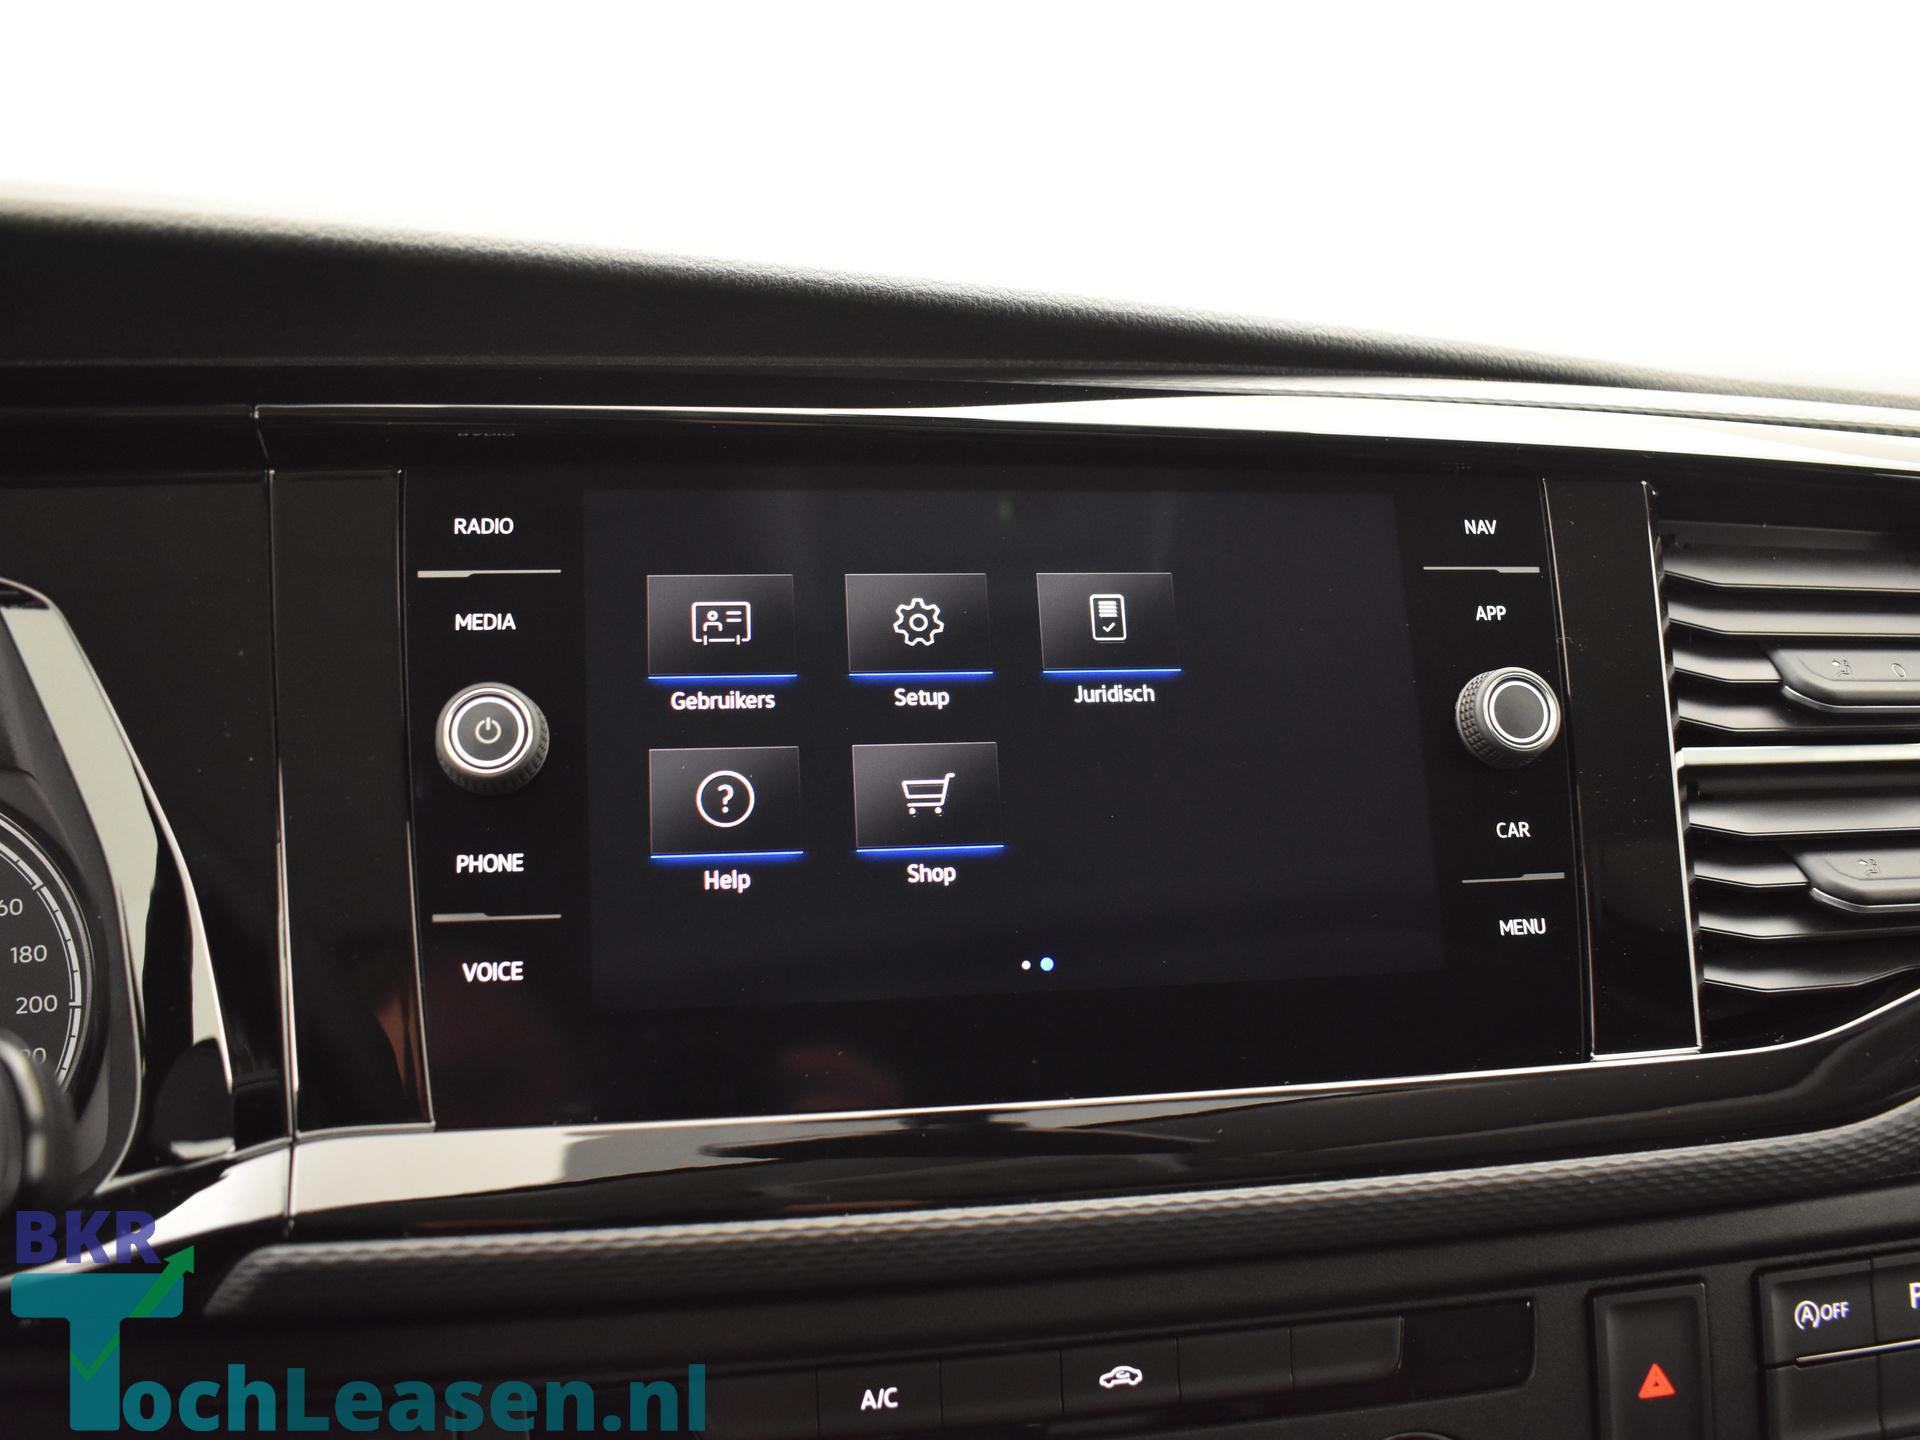 BKR toch leasen Volkswagen Transporter zwart 20